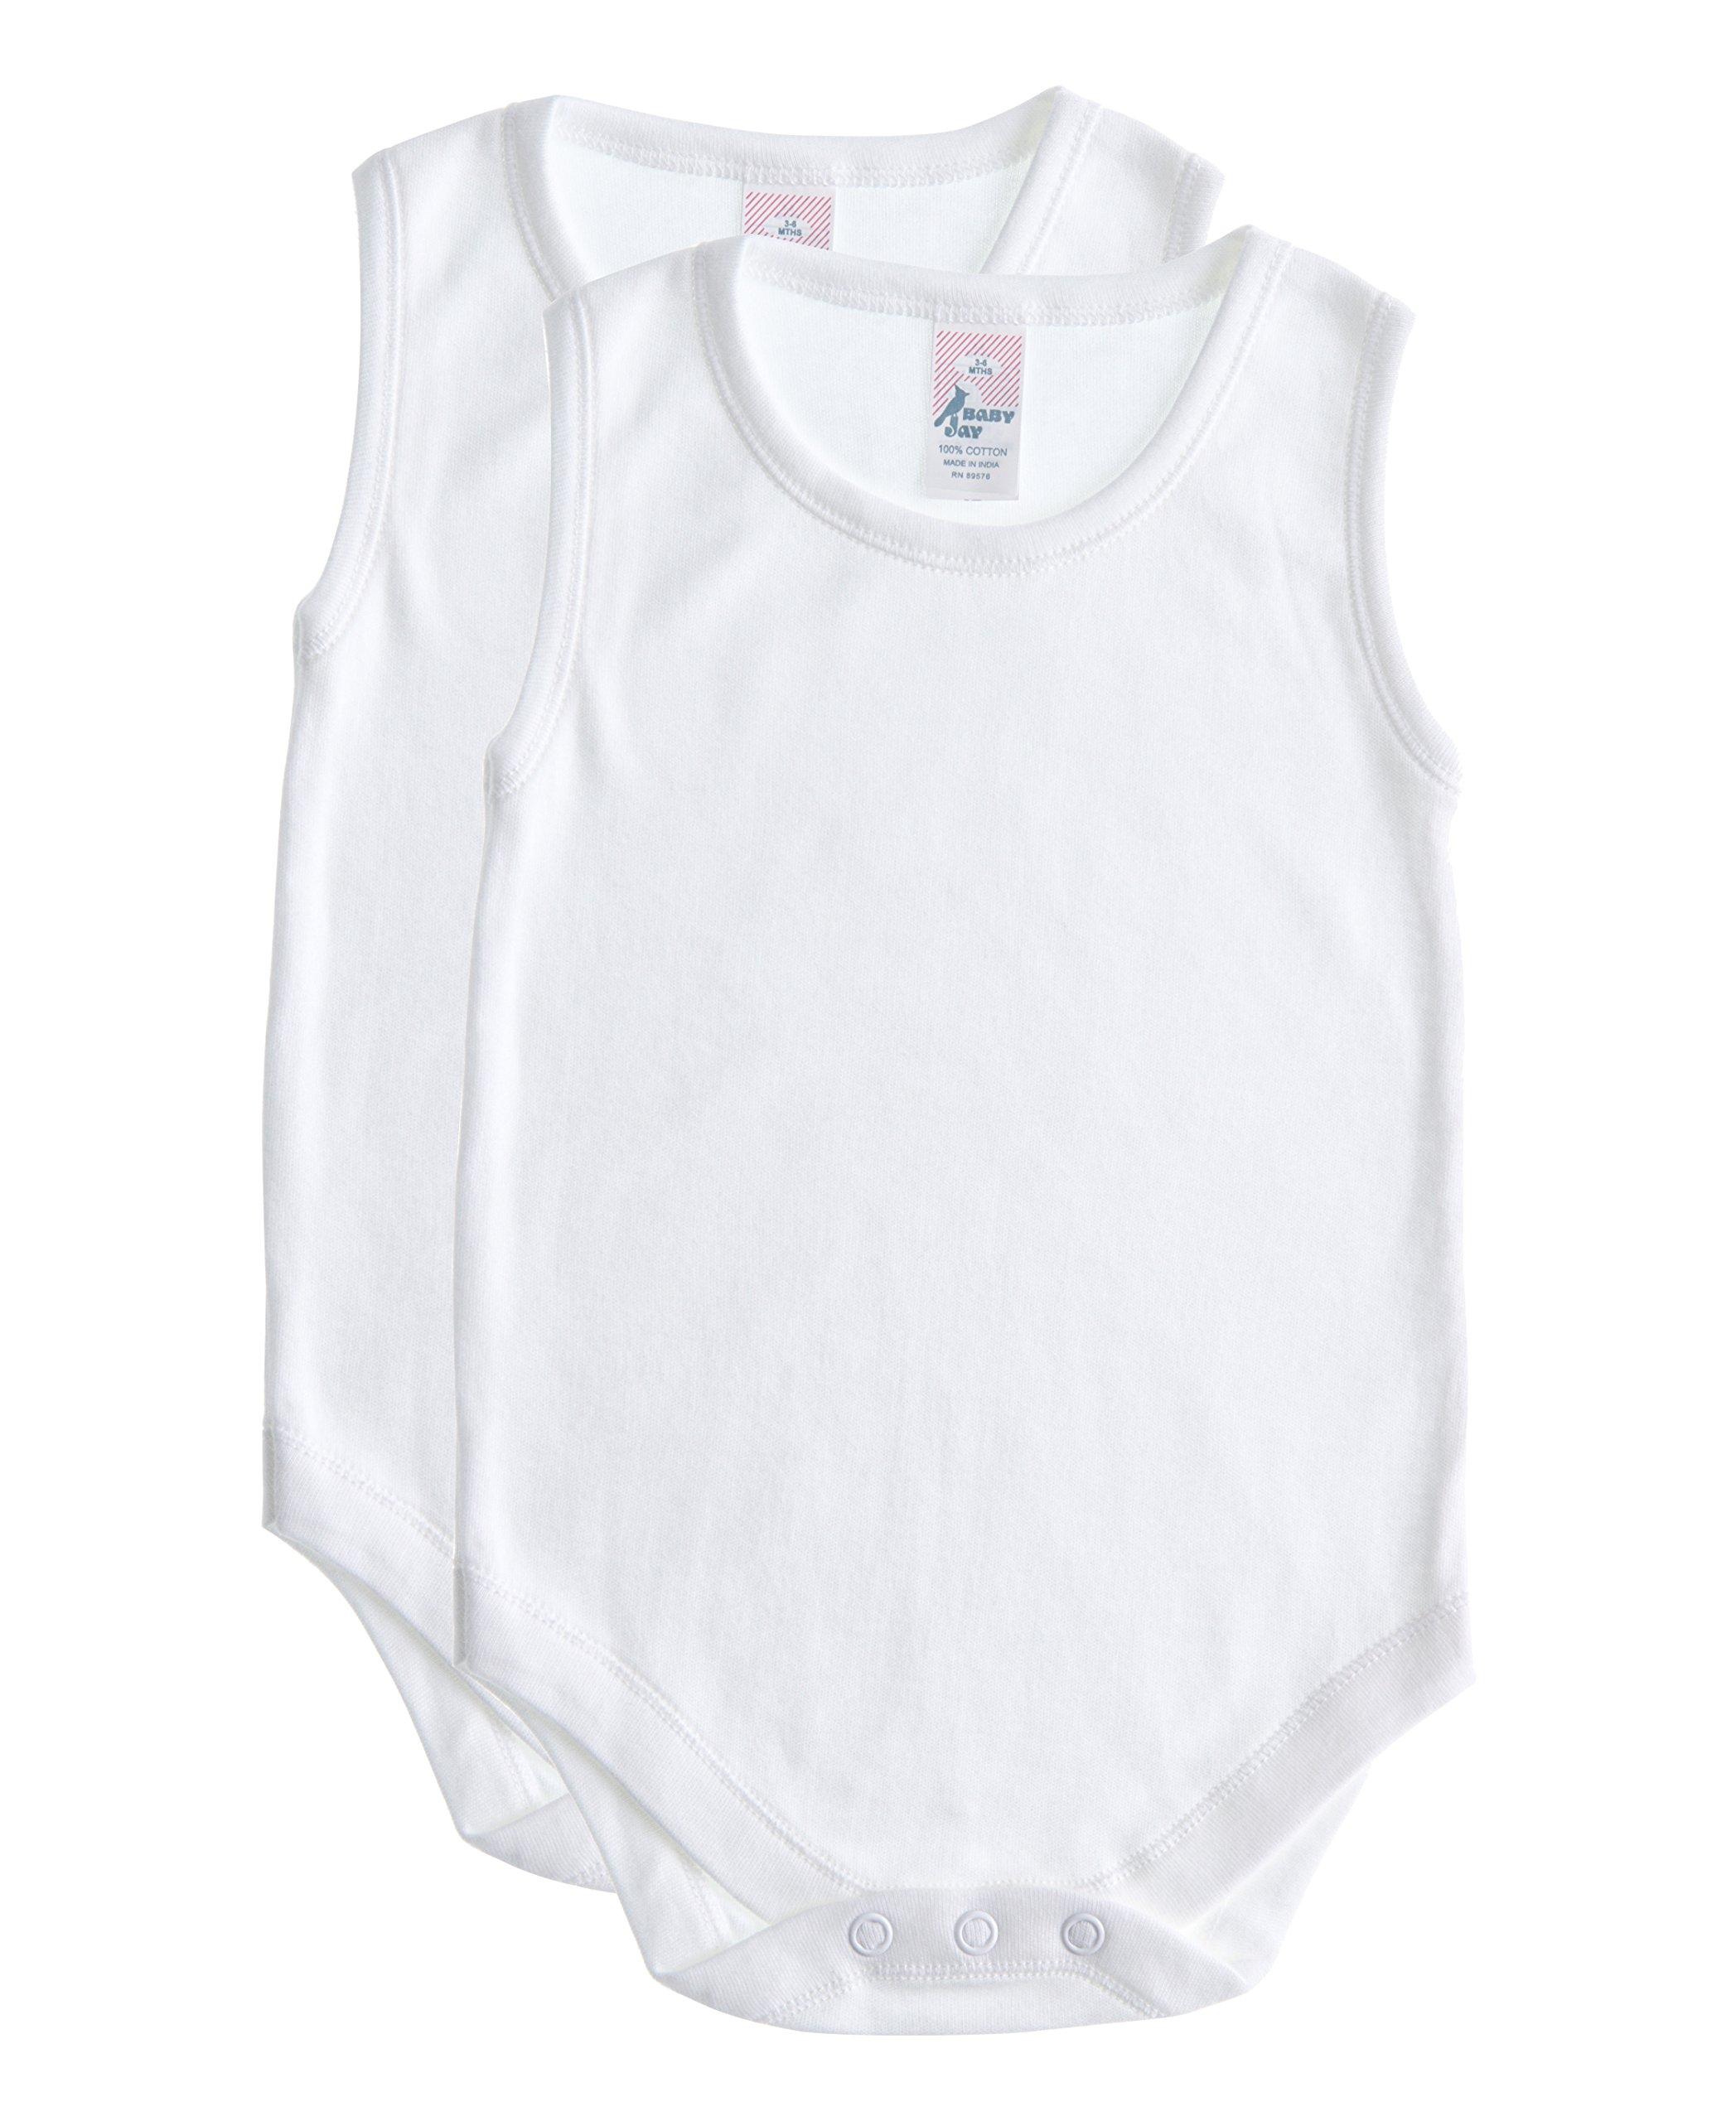 Soft Cotton Sleeveless Onesie Bodysuit, WSNR 36-48 2-Pack